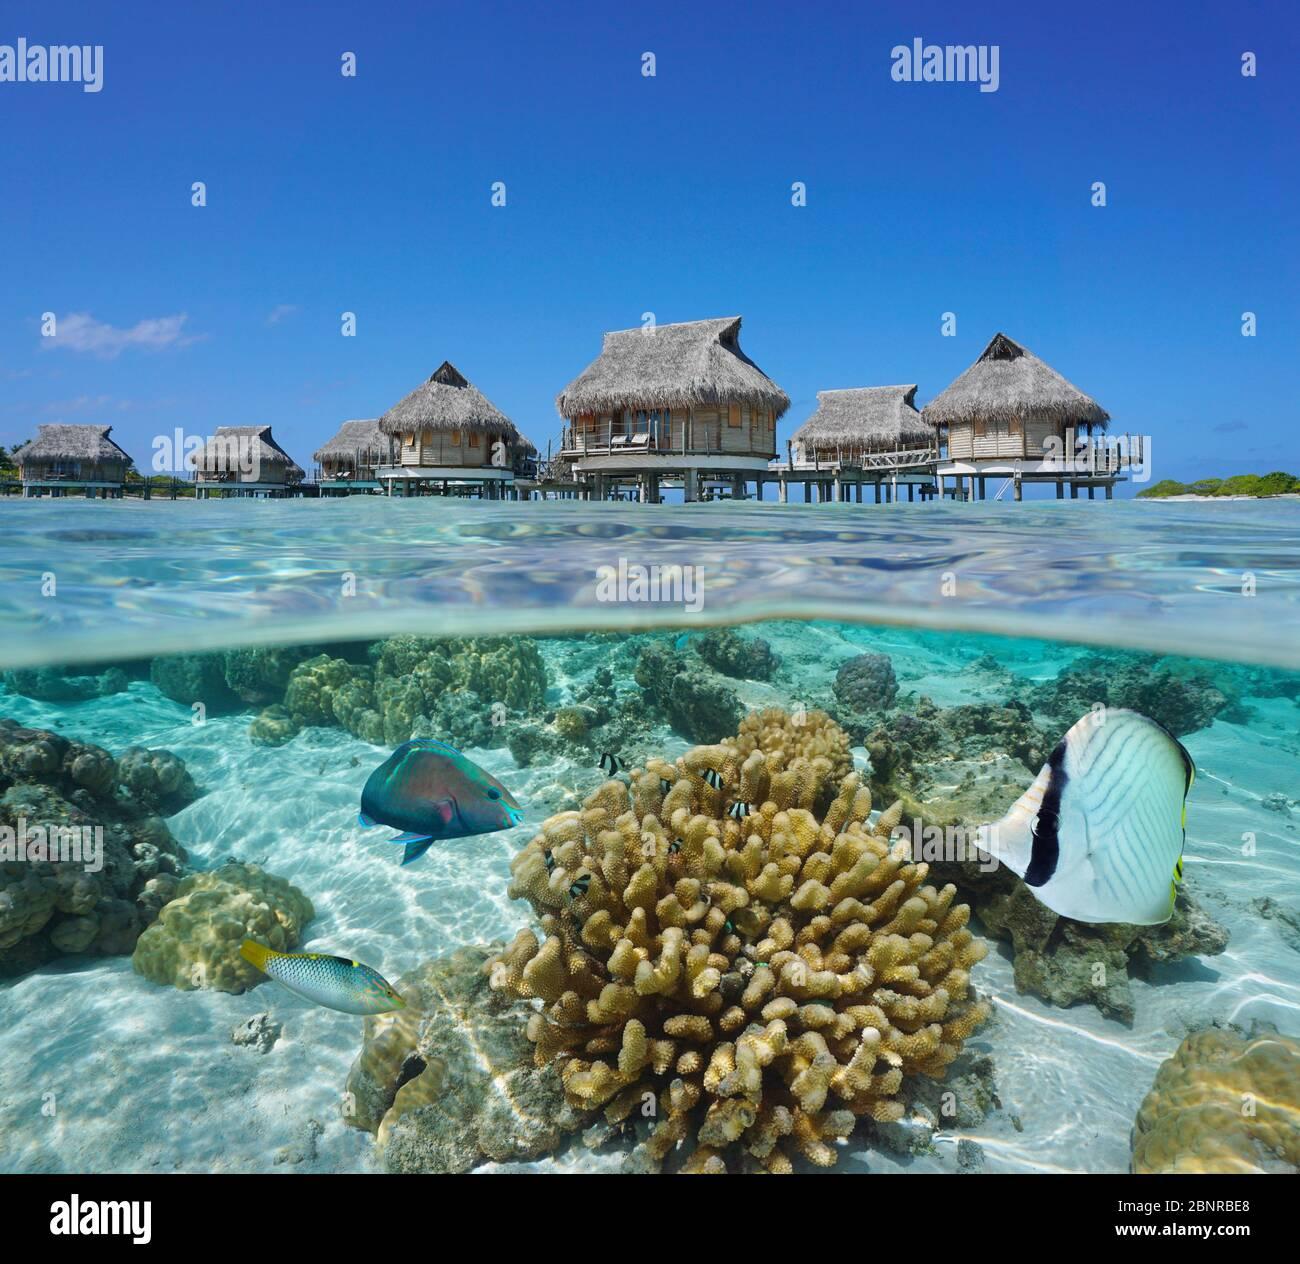 Tropische Bungalows über Wasser und Fisch mit Korallen unter Wasser, Split-Blick über und unter Wasser Oberfläche, Französisch Polynesien, Pazifik, Ozeanien Stockfoto